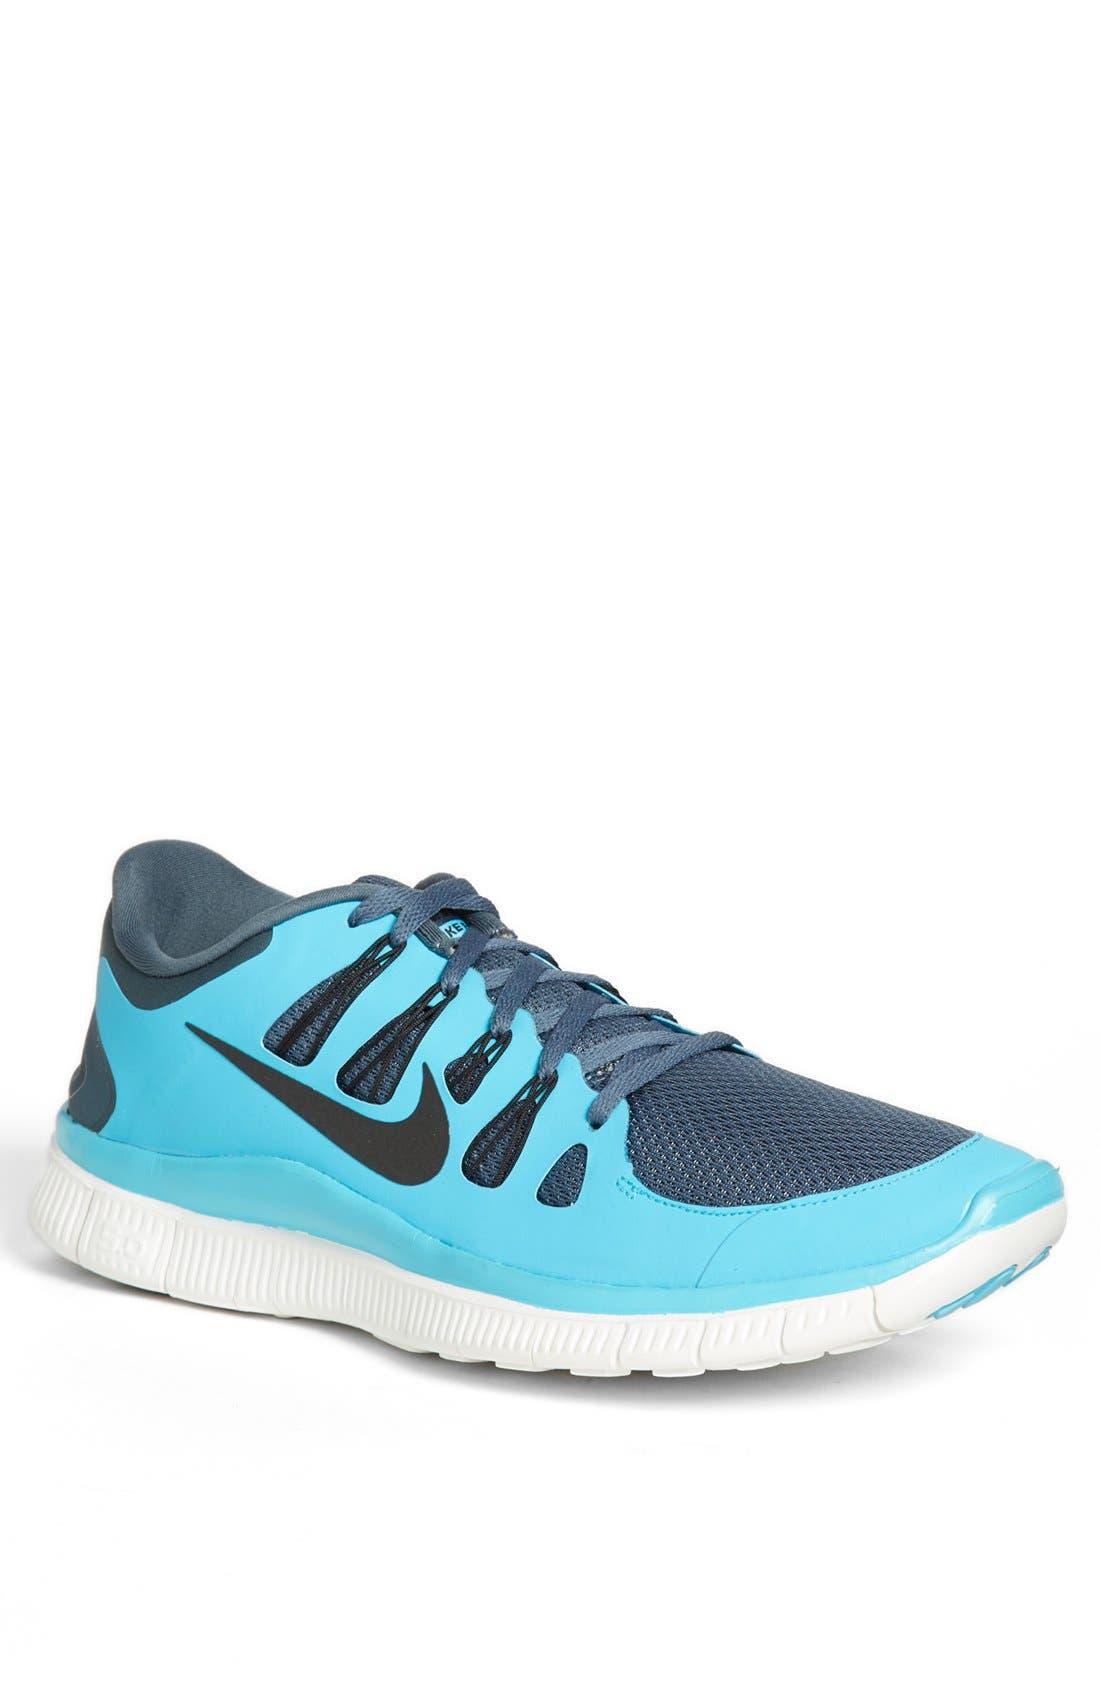 Main Image - Nike 'Free 5.0+' Running Shoe (Men)